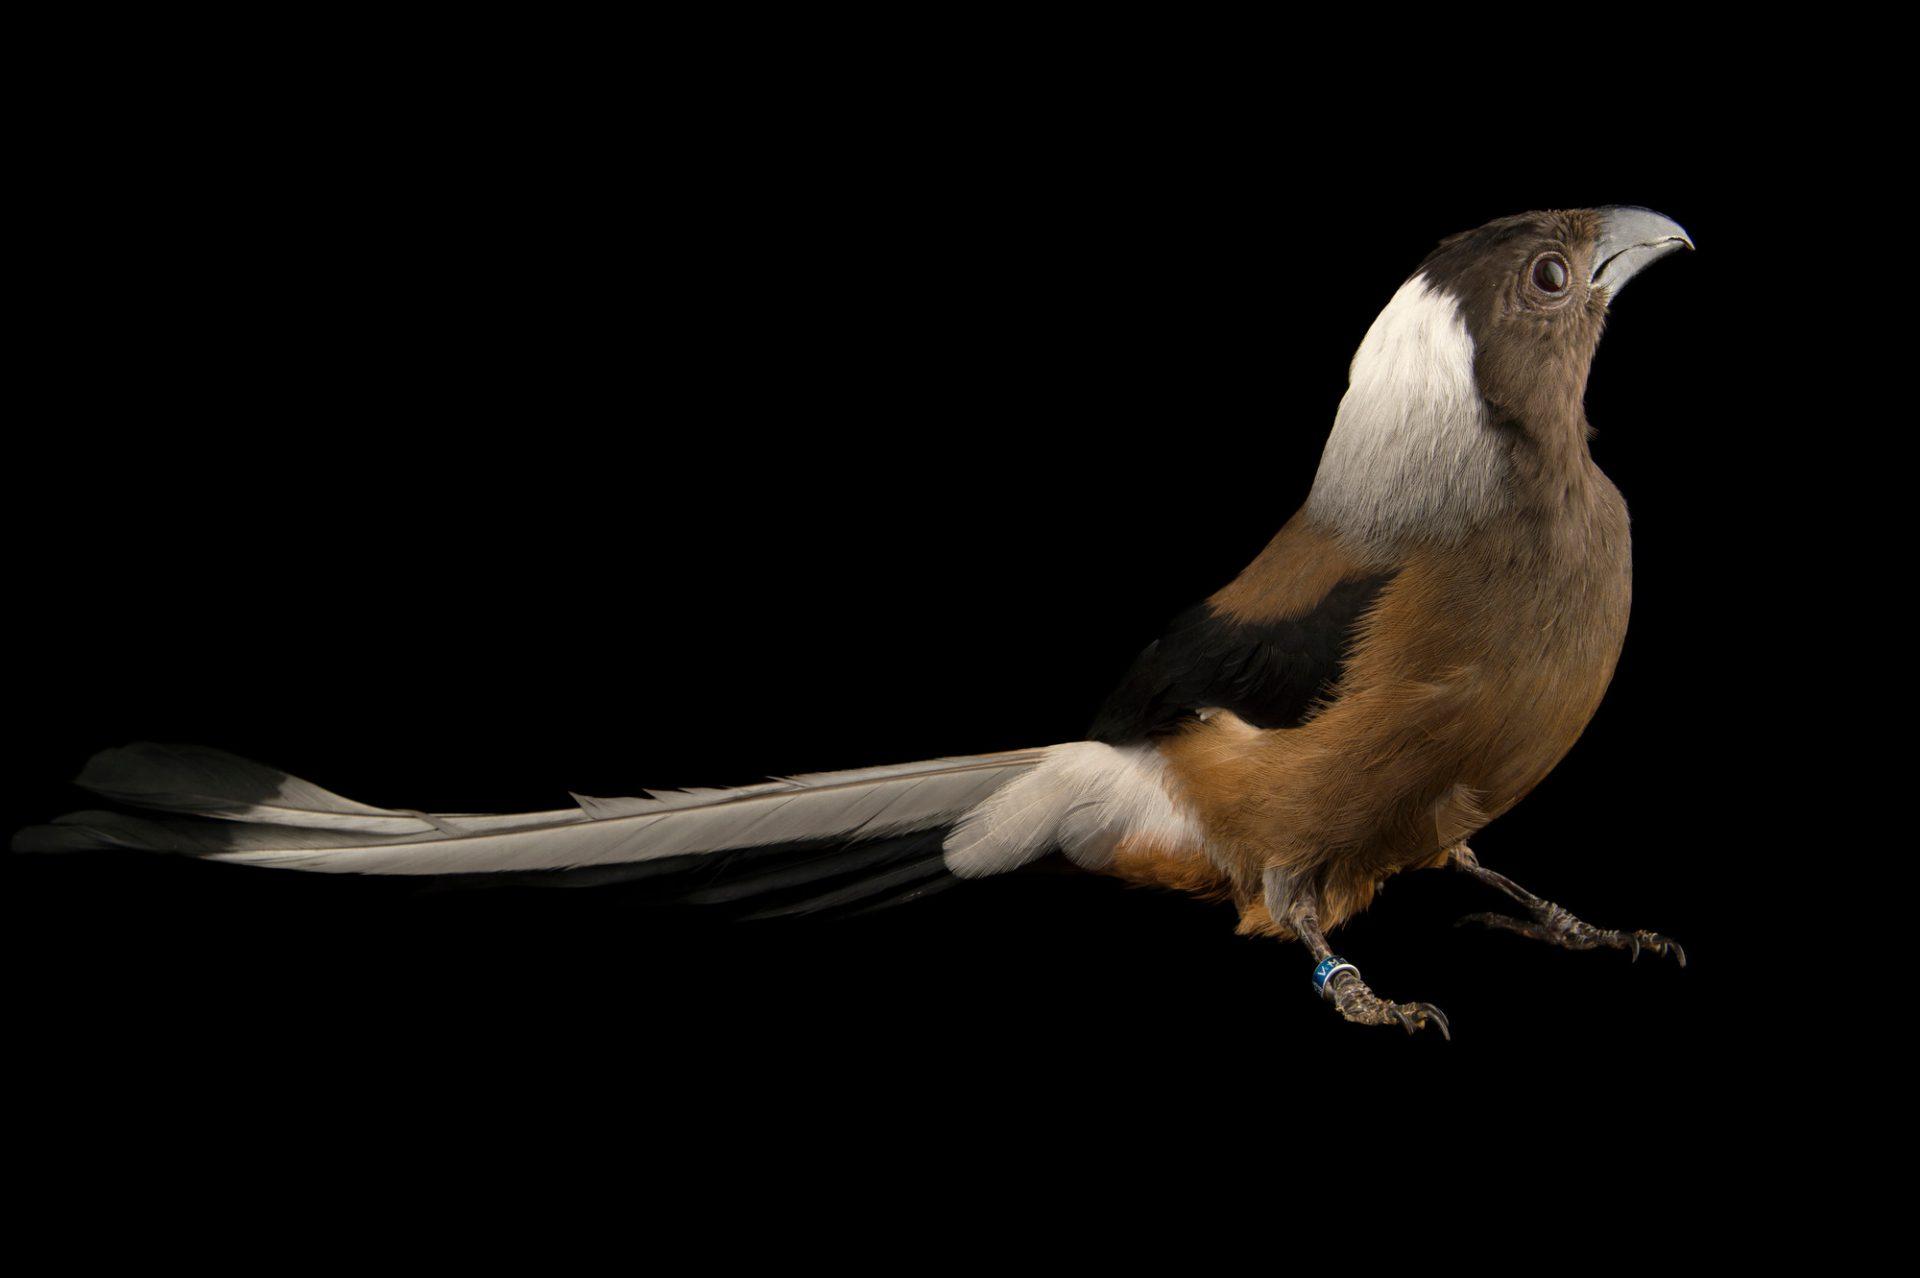 Photo: A Sumatran treepie (Dendrocitta occipitalis) at the Plzen Zoo.